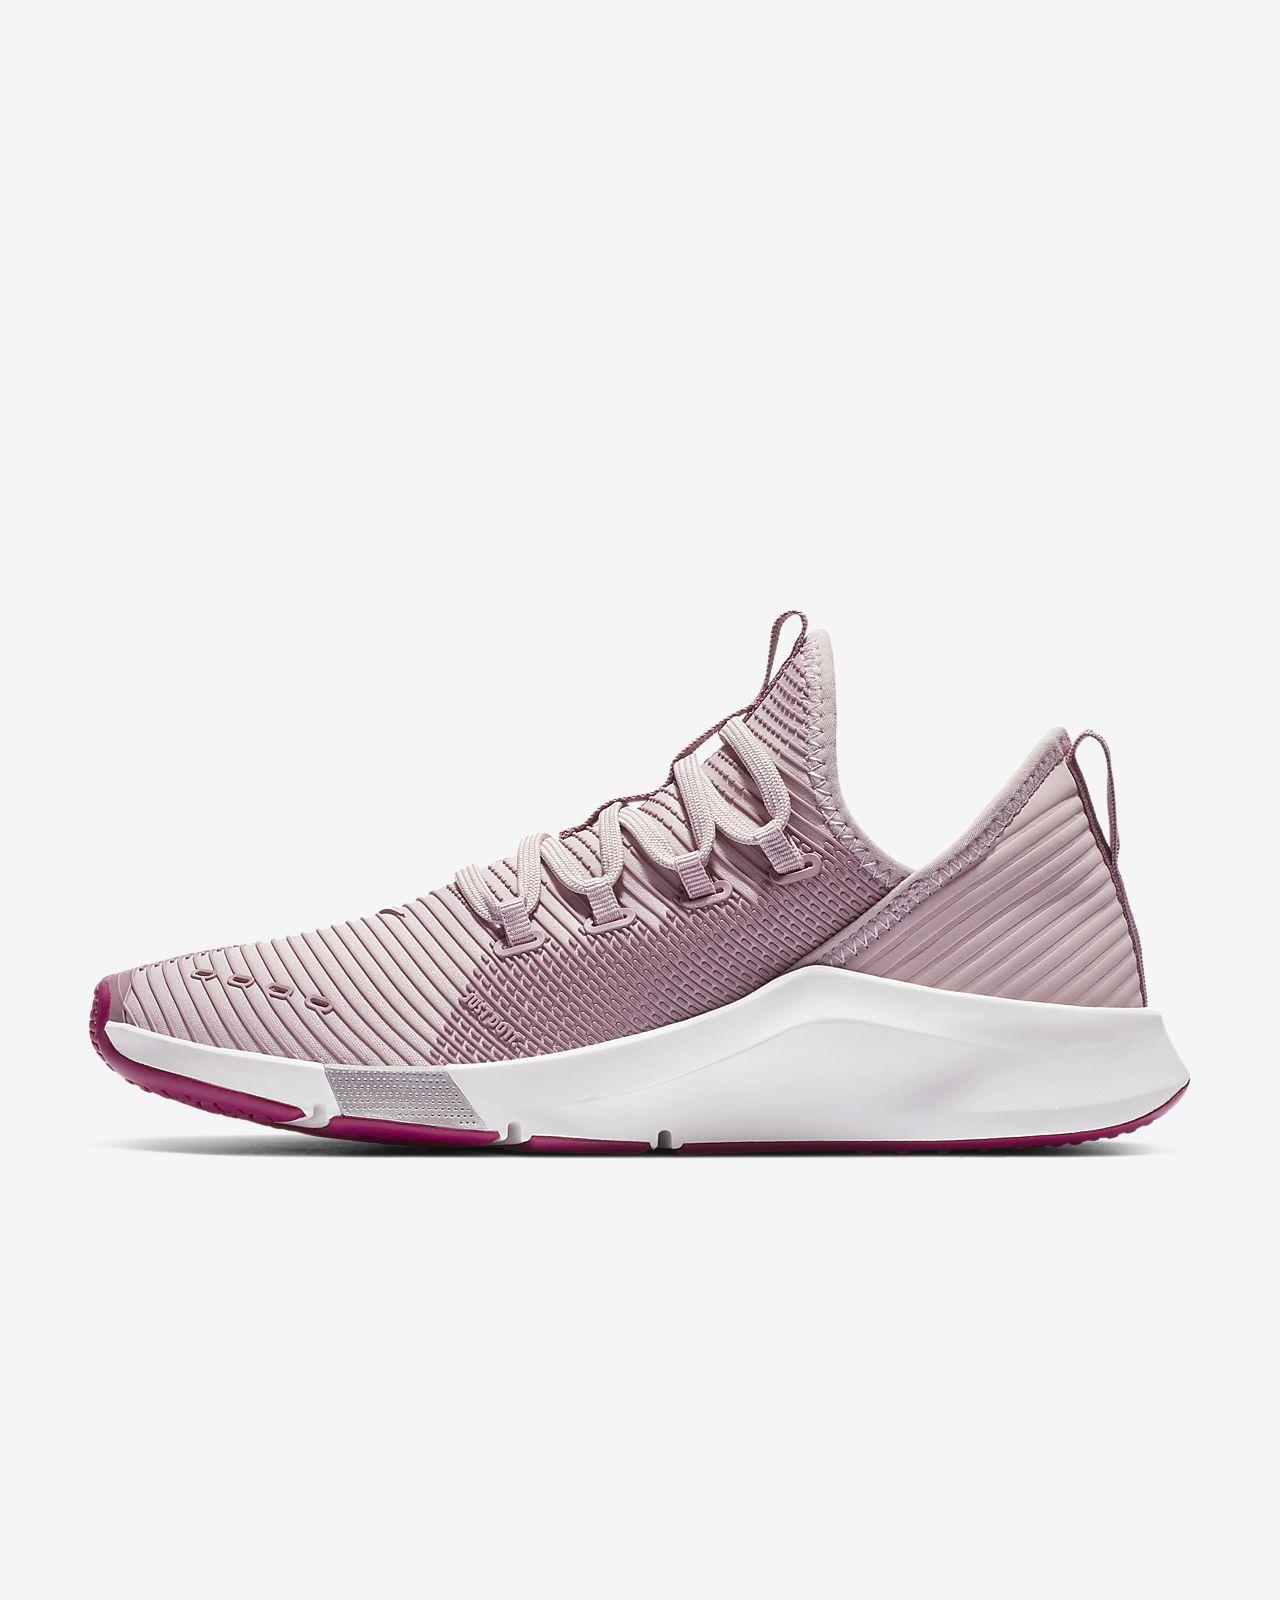 2c77c533fe3b6 ... Nike Air Zoom Elevate Zapatillas de entrenamiento